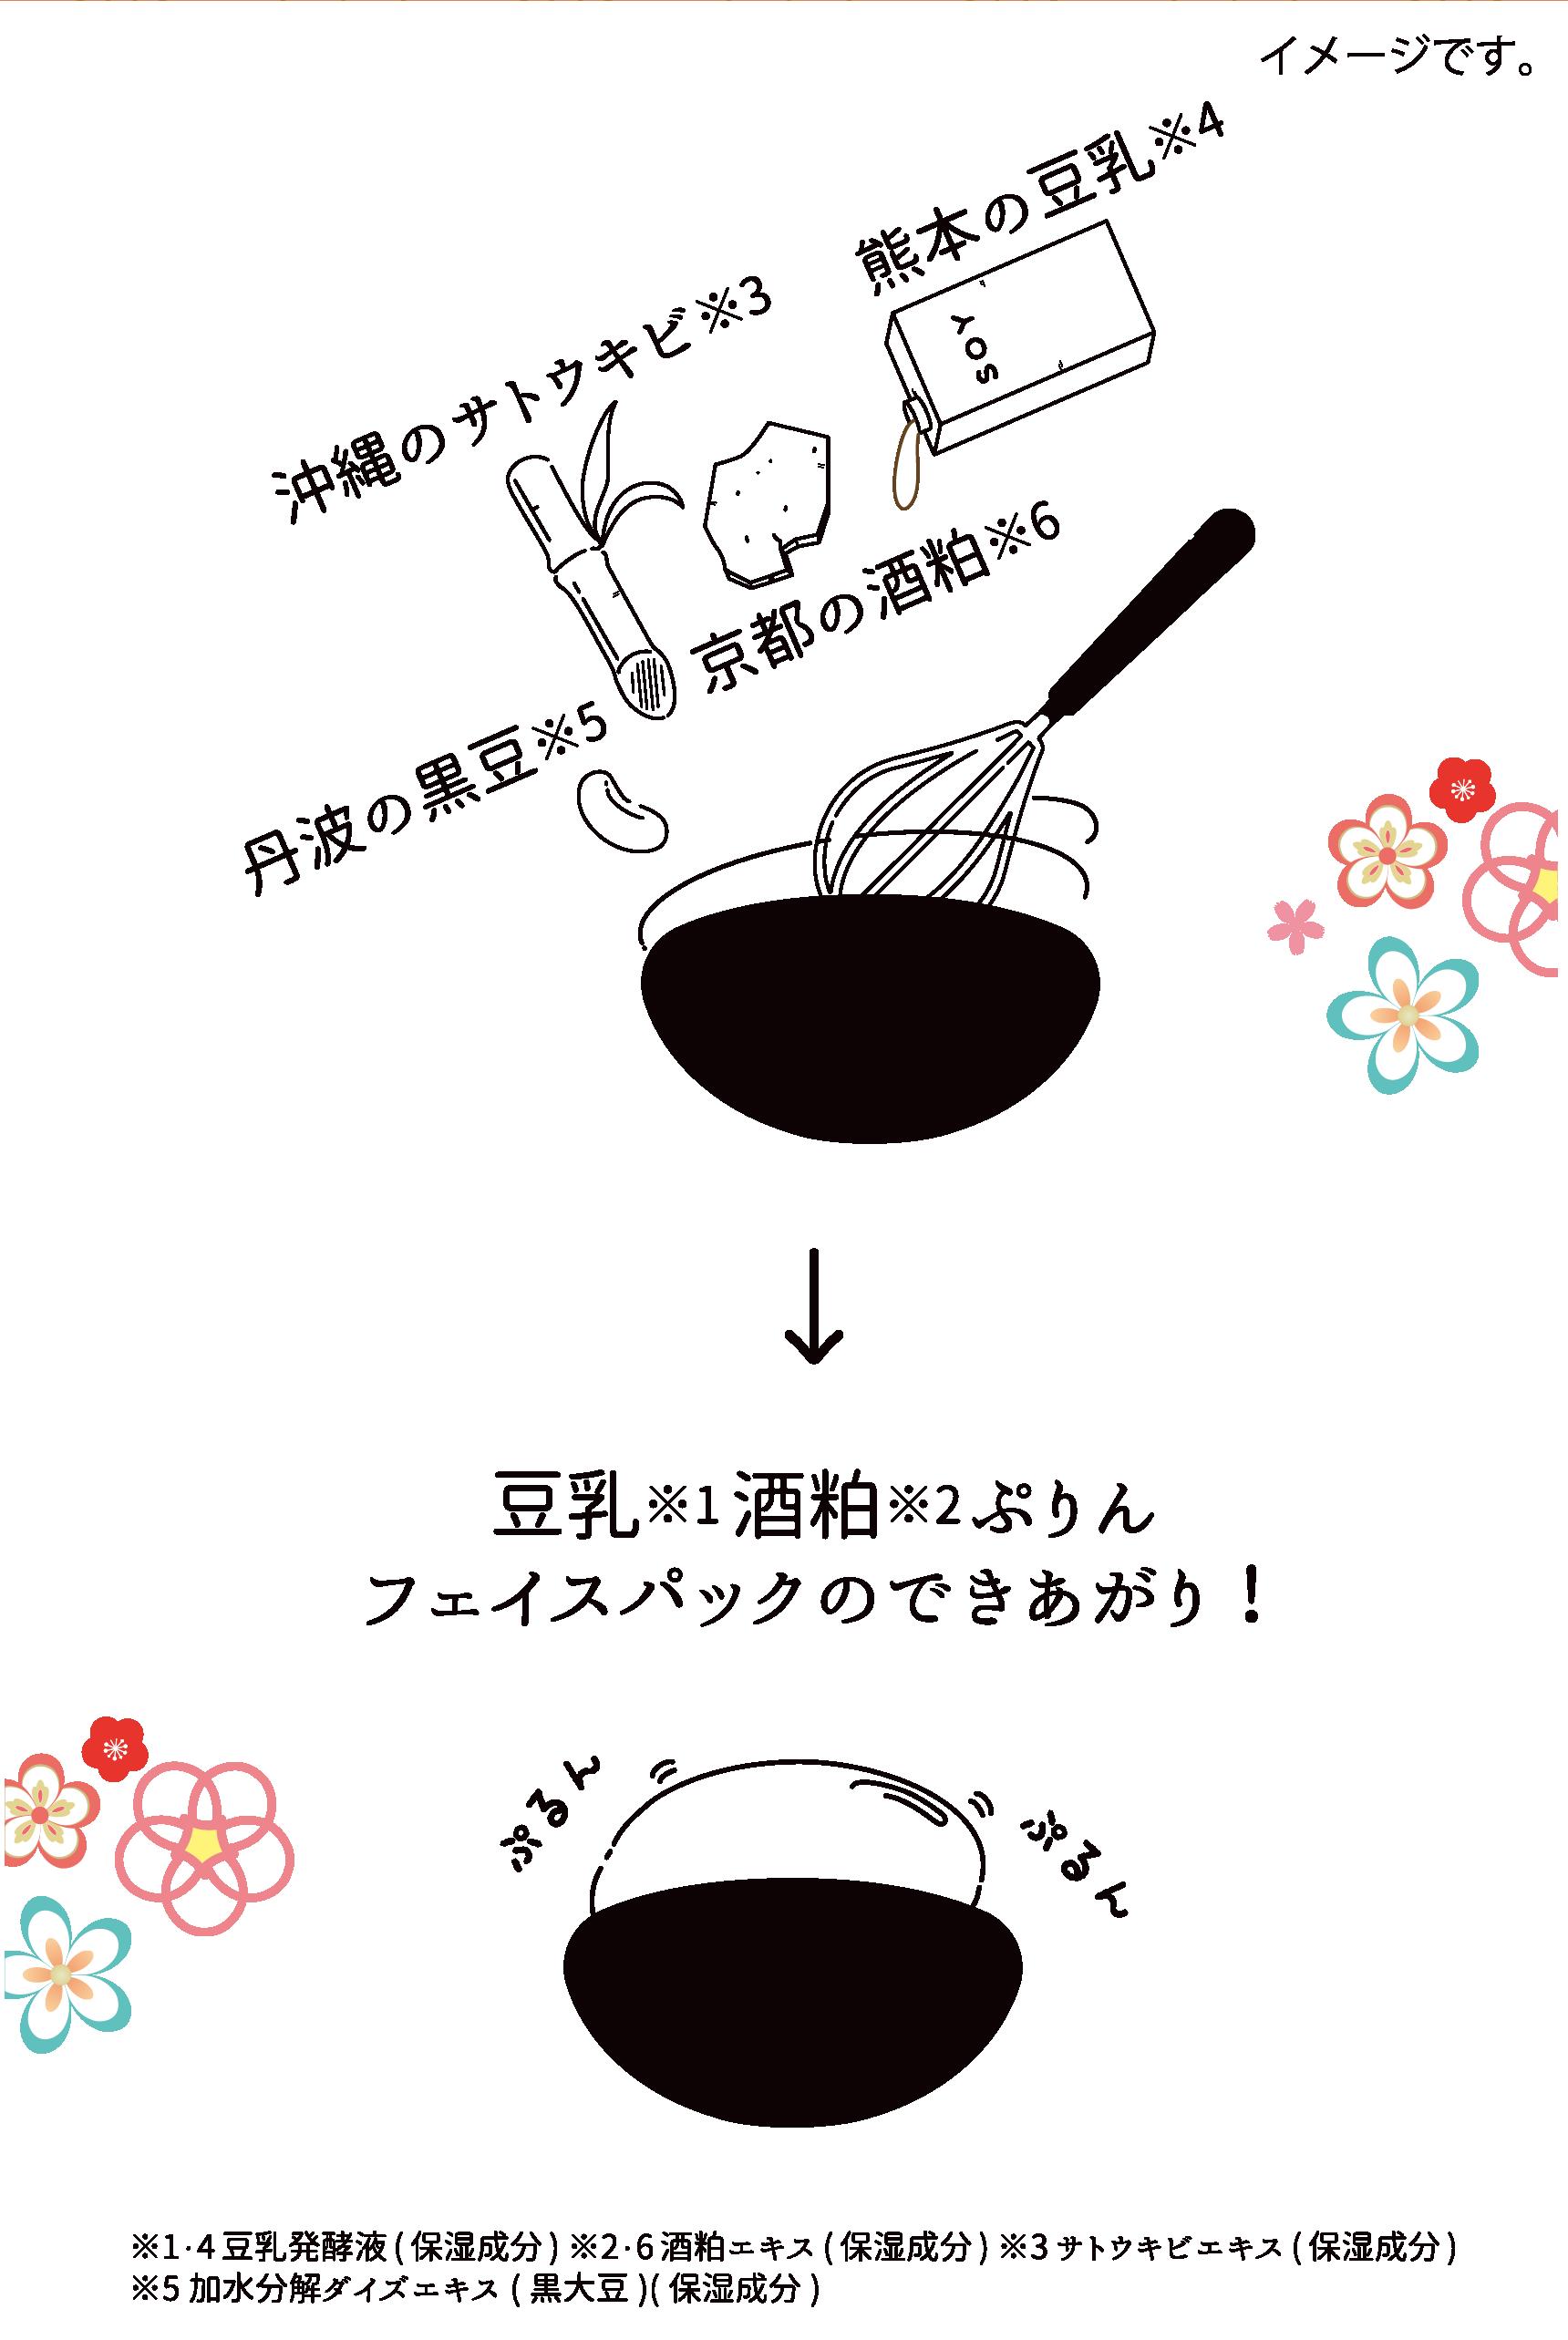 沖縄のサトウキビ・京都の酒粕・熊本の豆乳・丹波黒豆 豆乳酒粕ぷりんフェイスパックのできあがり!イメージ